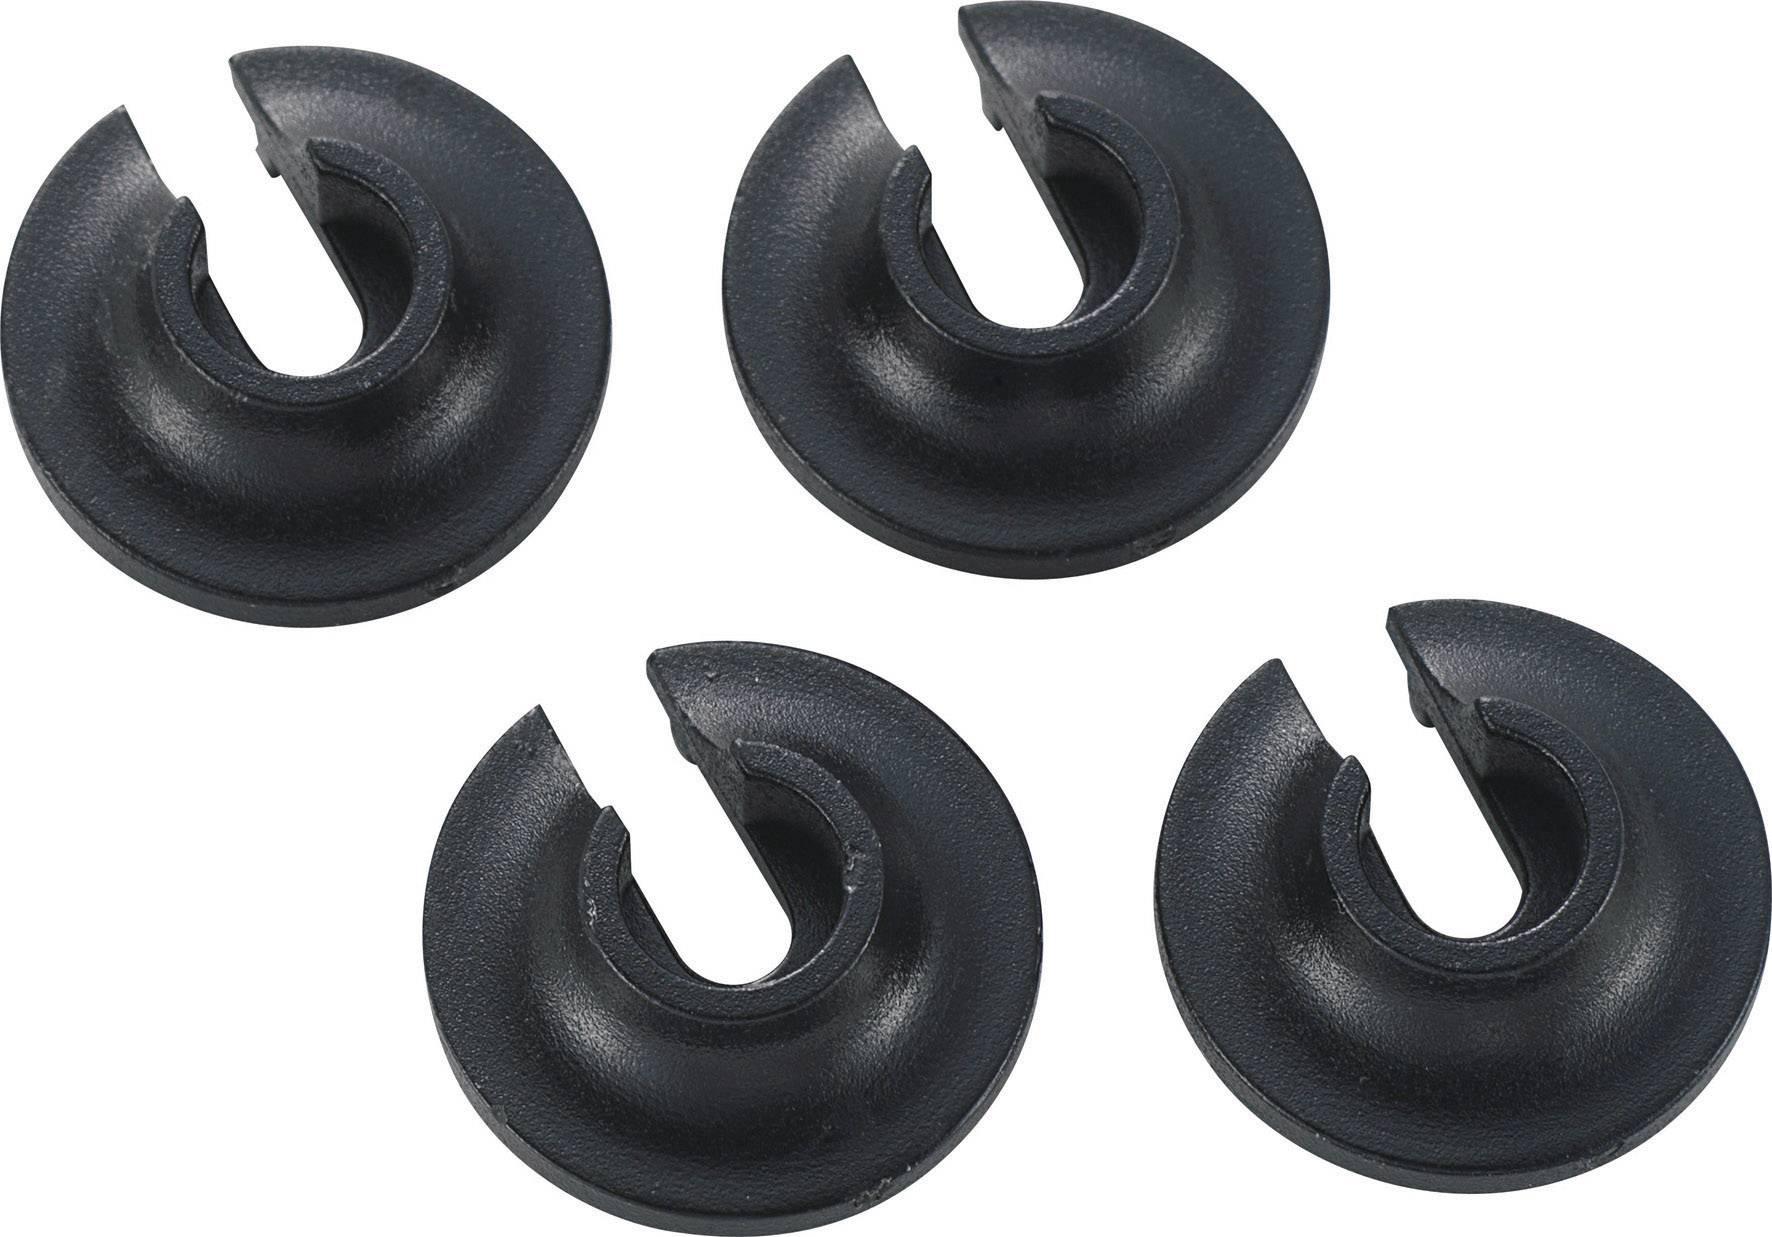 Zarážky pružin olejových tlumičů Reely, 1:10, 4 ks (VA1125)